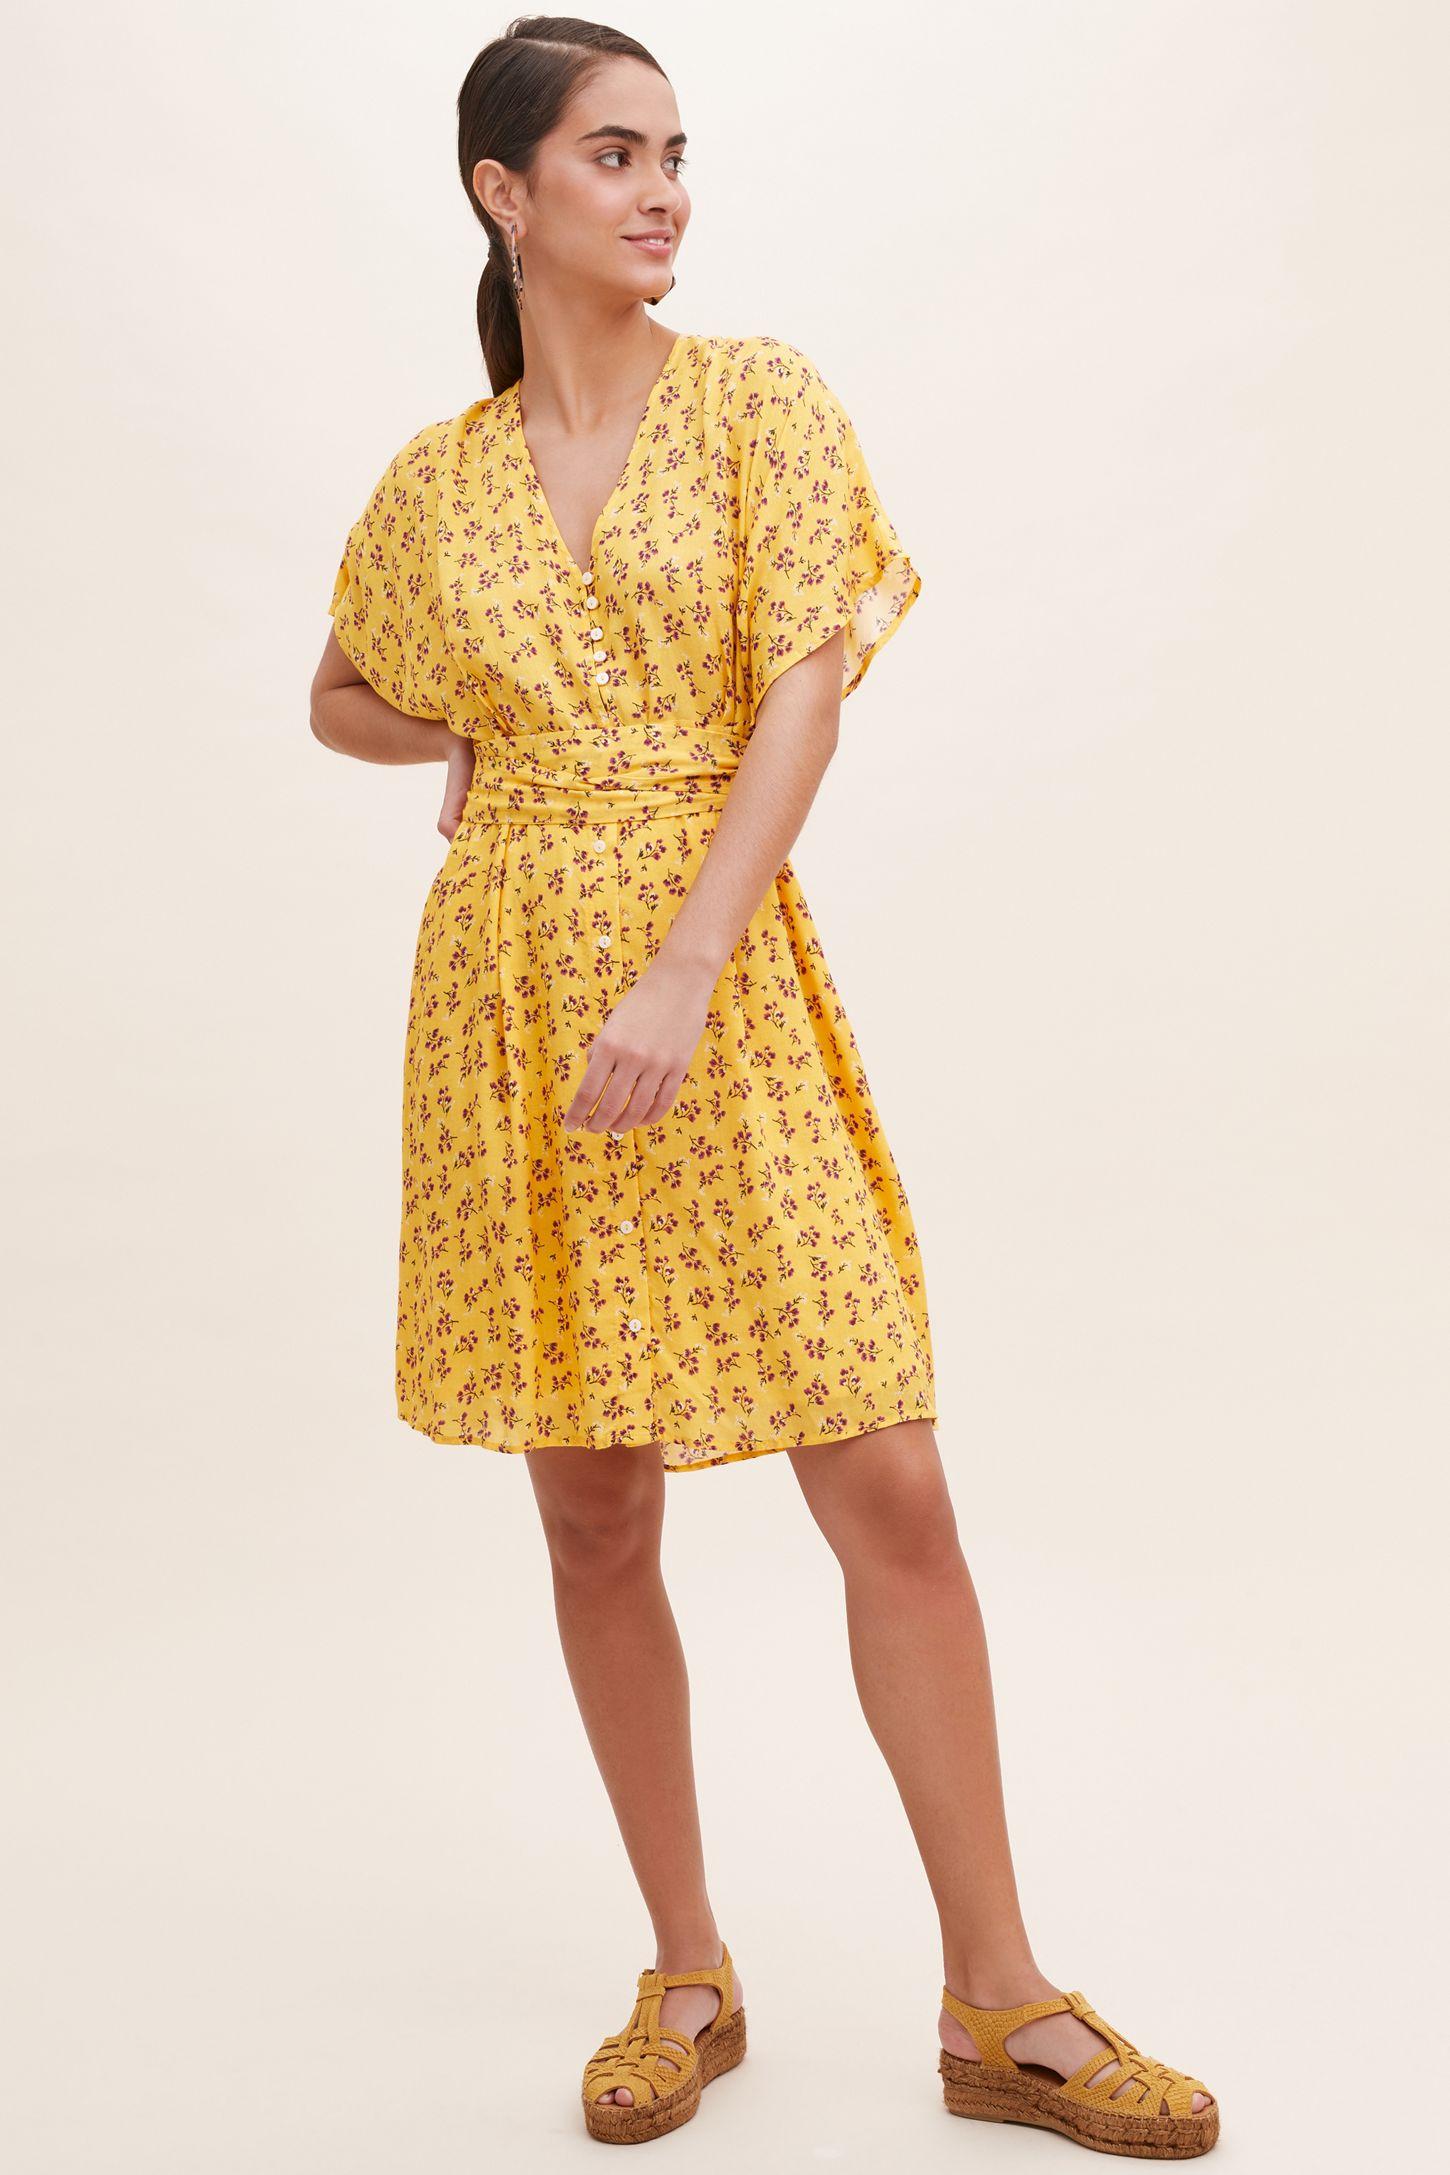 34ea9f78dd8116 Karen Floral-Print Dress | Anthropologie UK